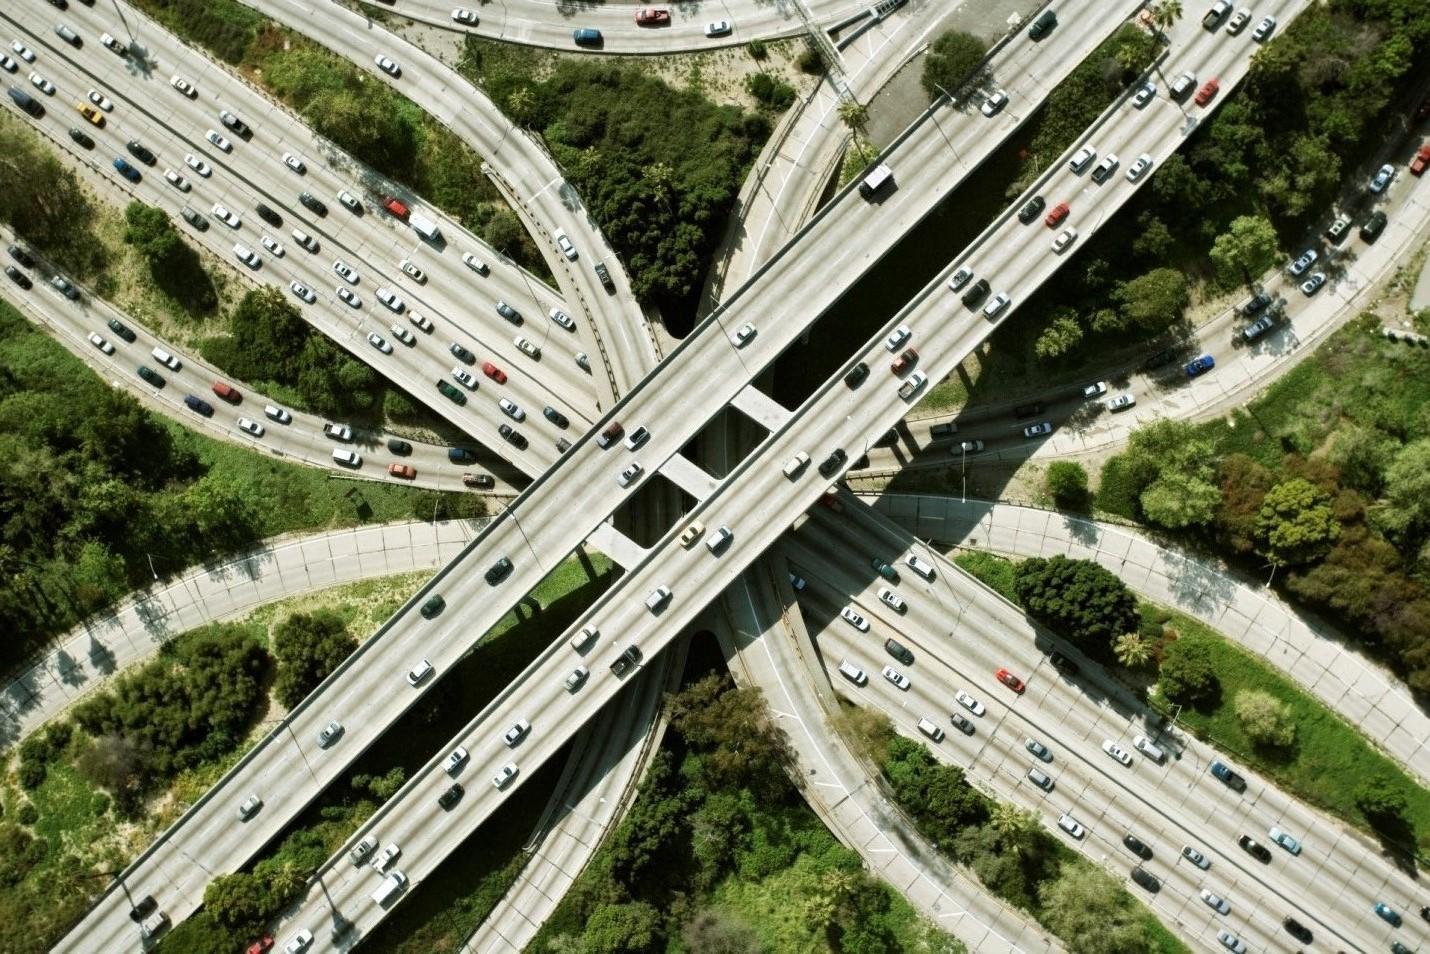 """Gần đây đã xuất hiện khái niệm """"thành phố ngủ"""" để chỉ các đô thị vệ tinh (ảnh minh họa)"""